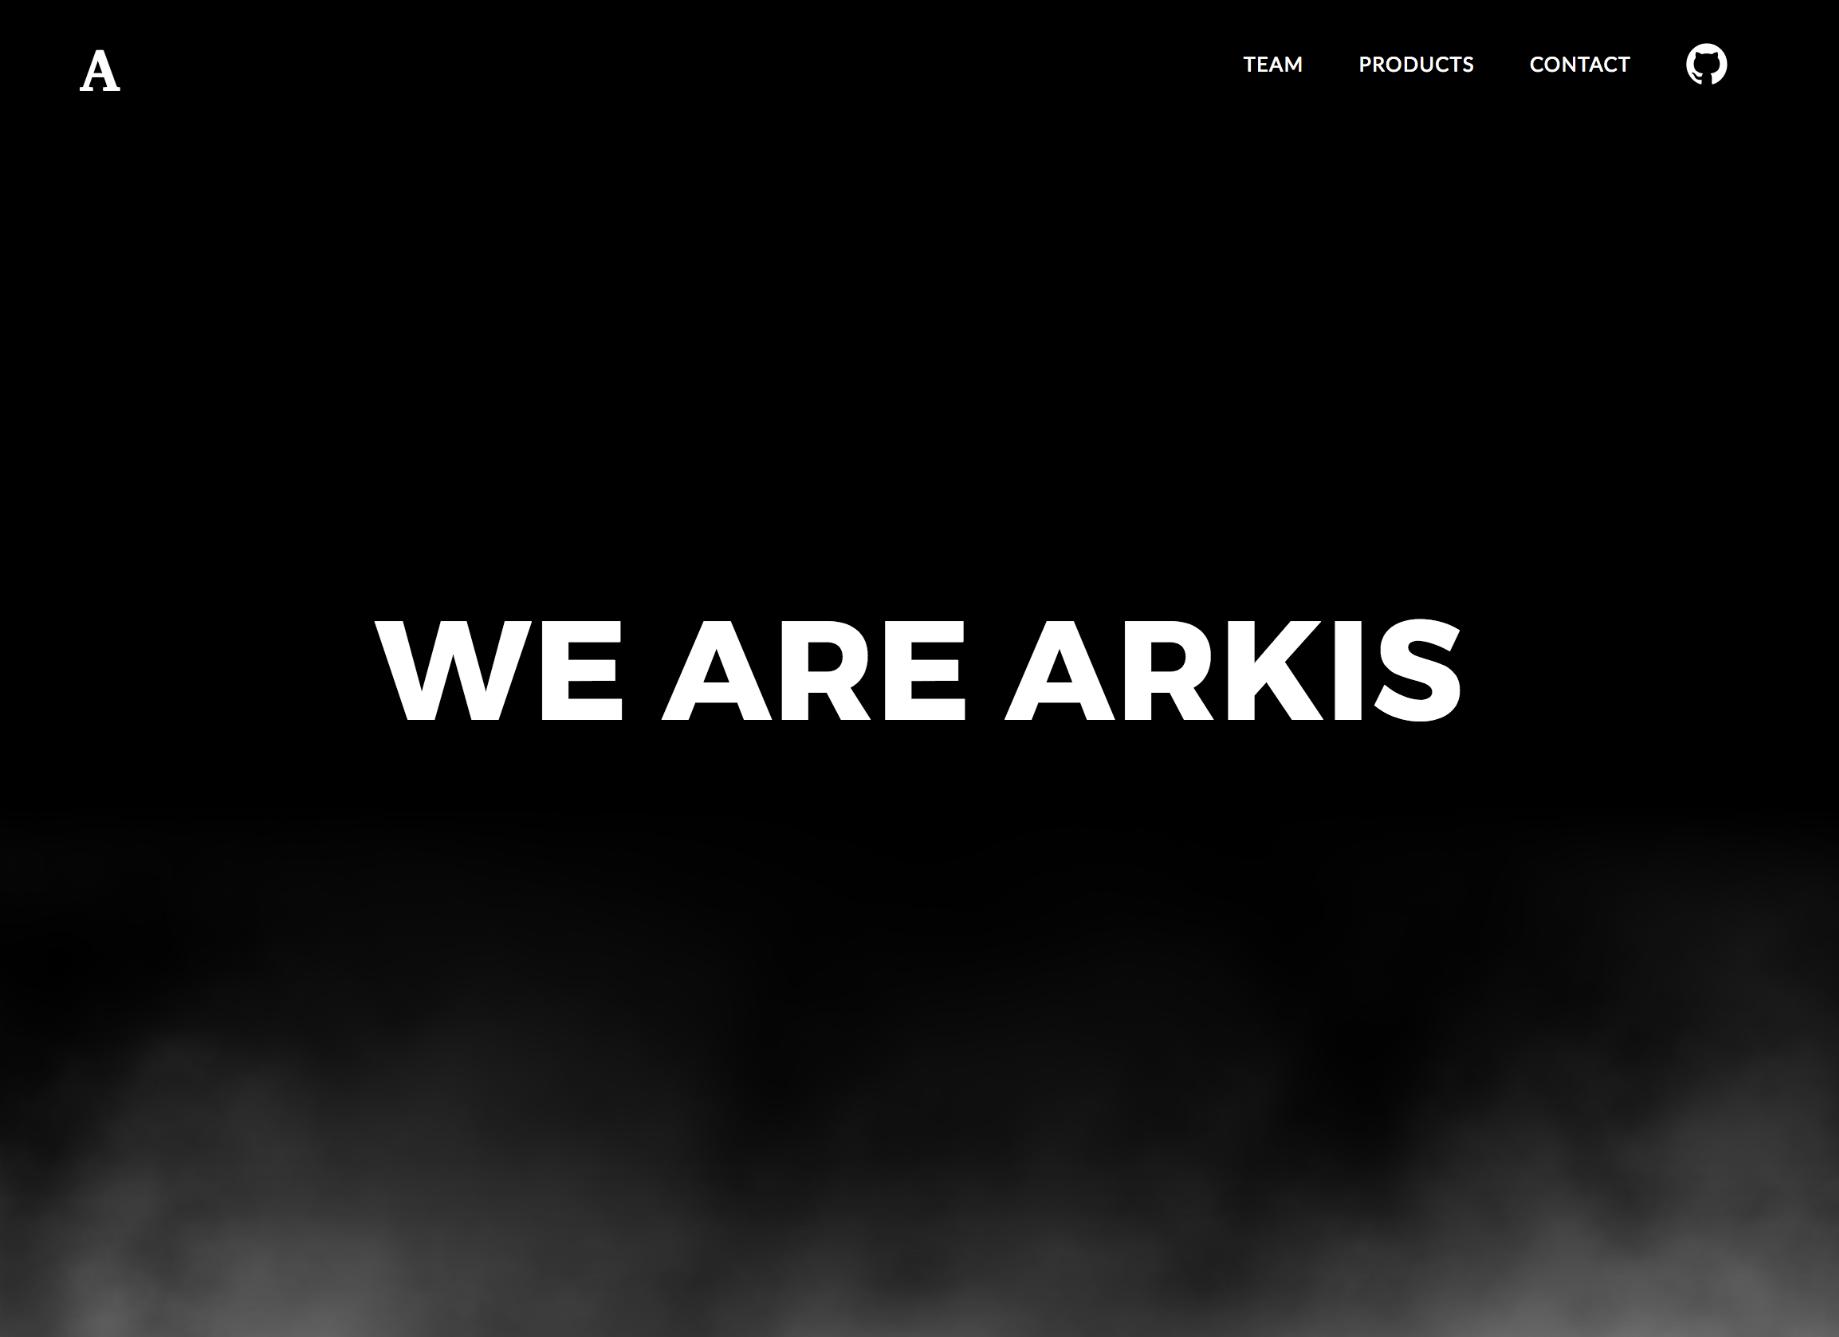 Arkis Landing Page